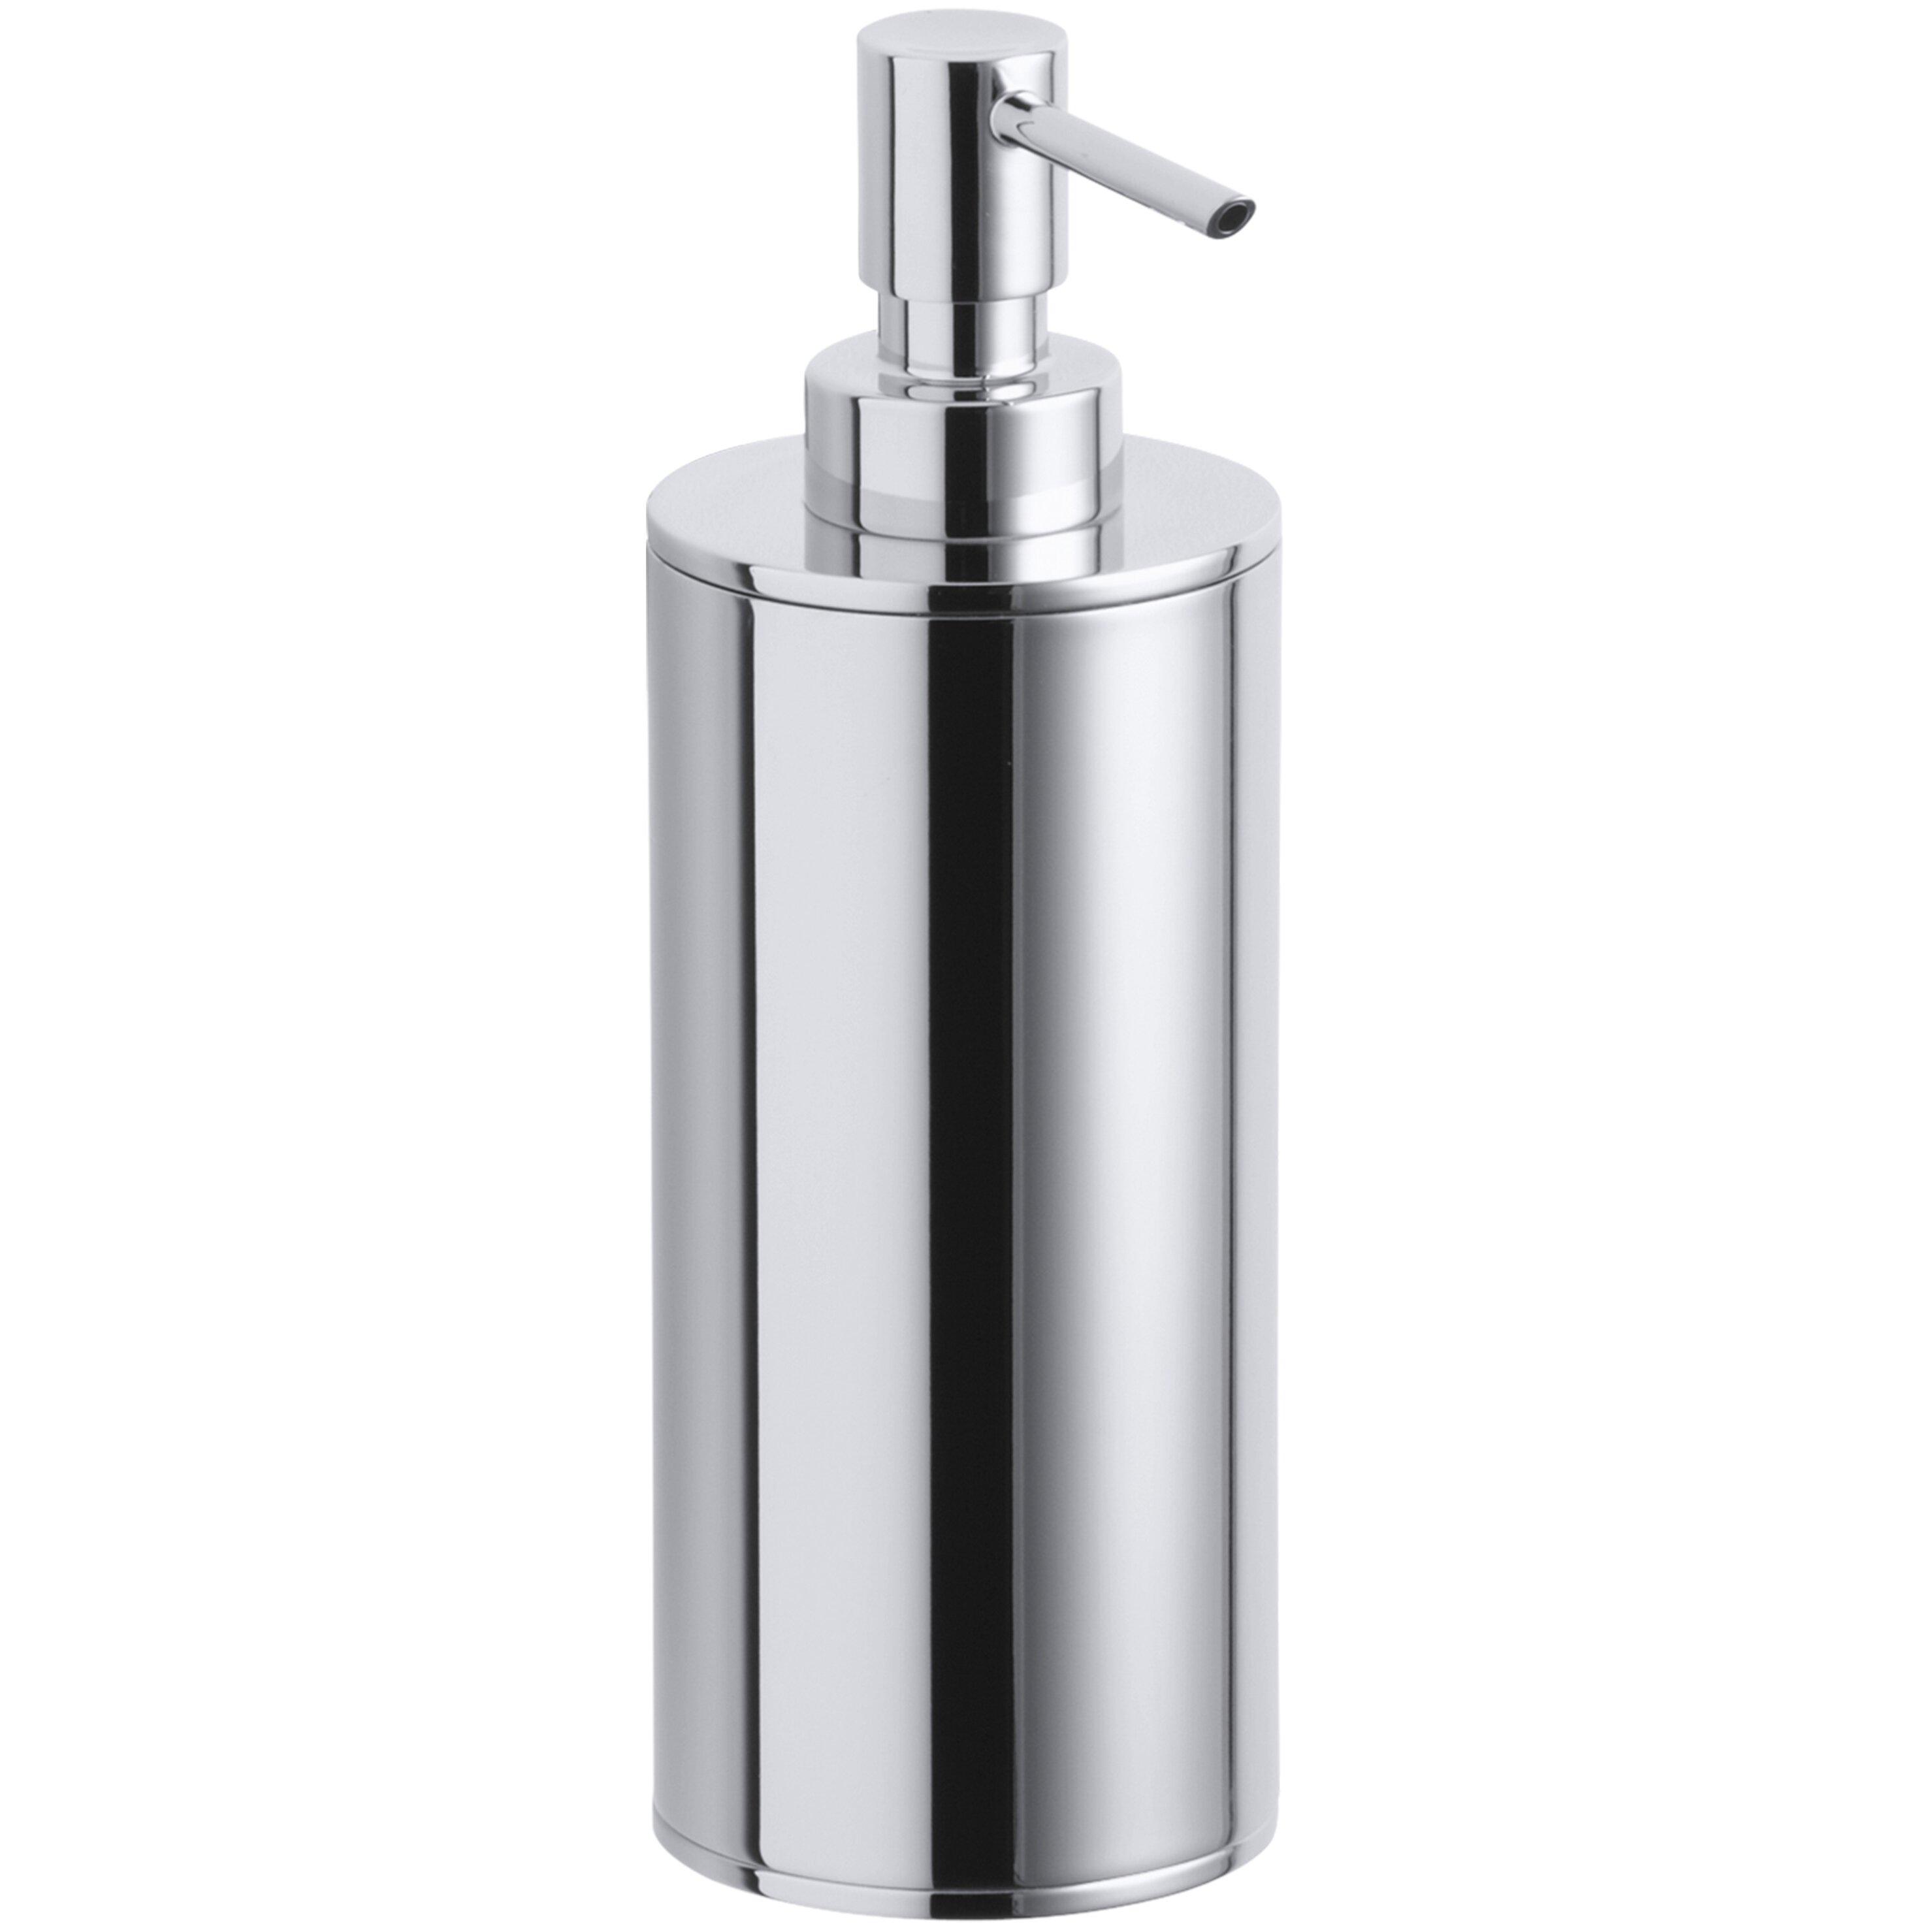 Kohler purist countertop soap lotion dispenser reviews wayfair - Kohler soap lotion dispenser ...